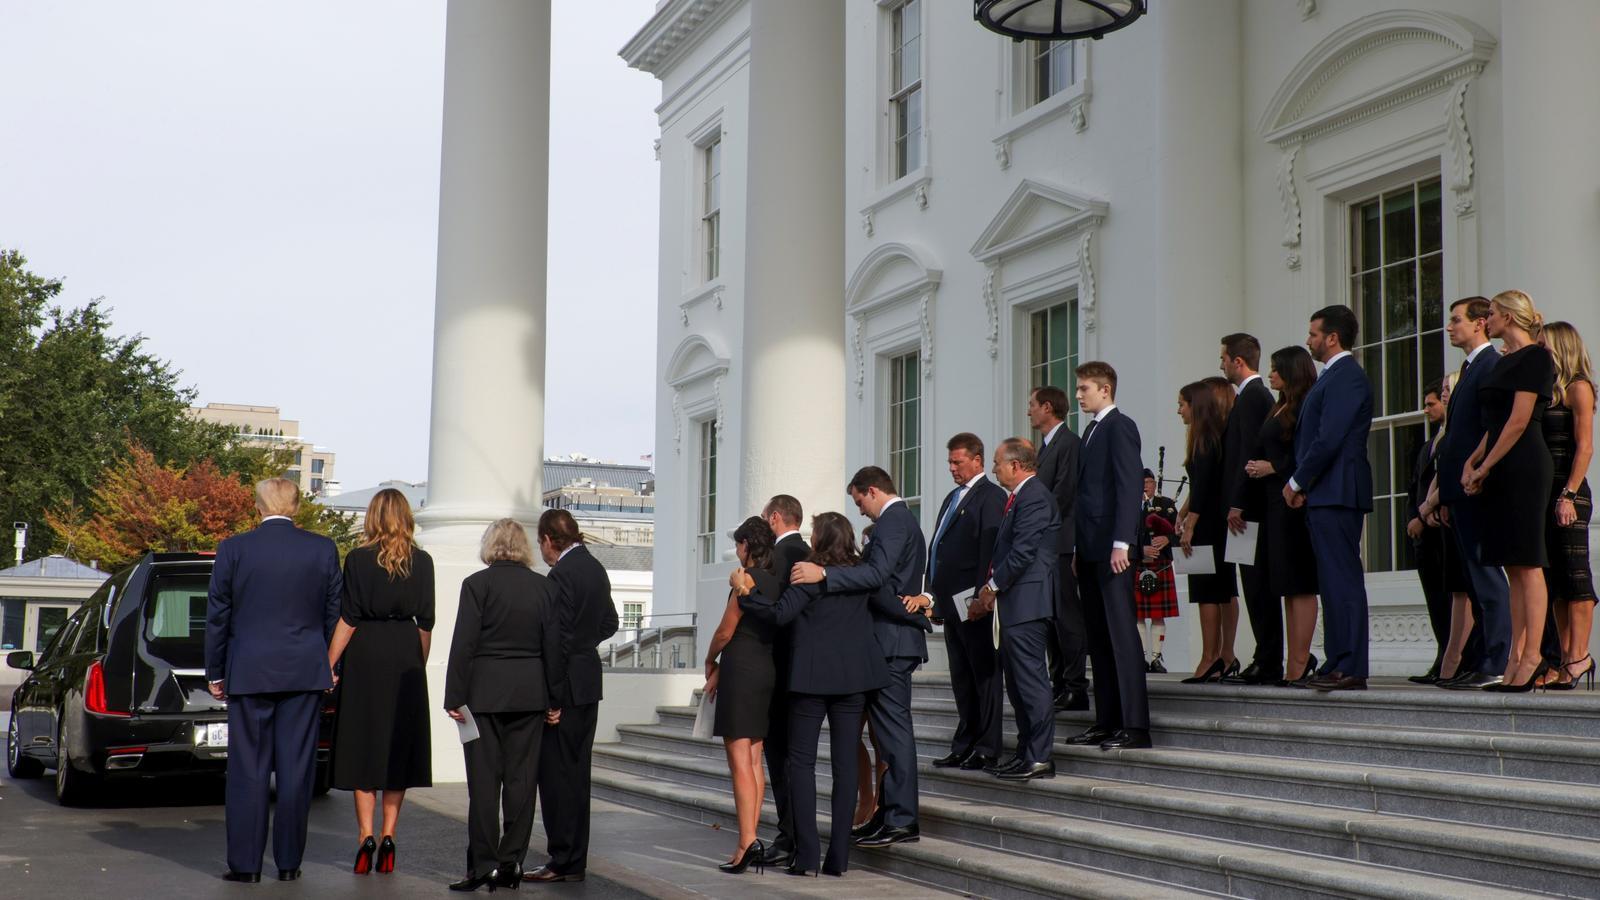 La família Trump acomiada les restes de Robert Trump a l'entrada principal de la Casa Blanca